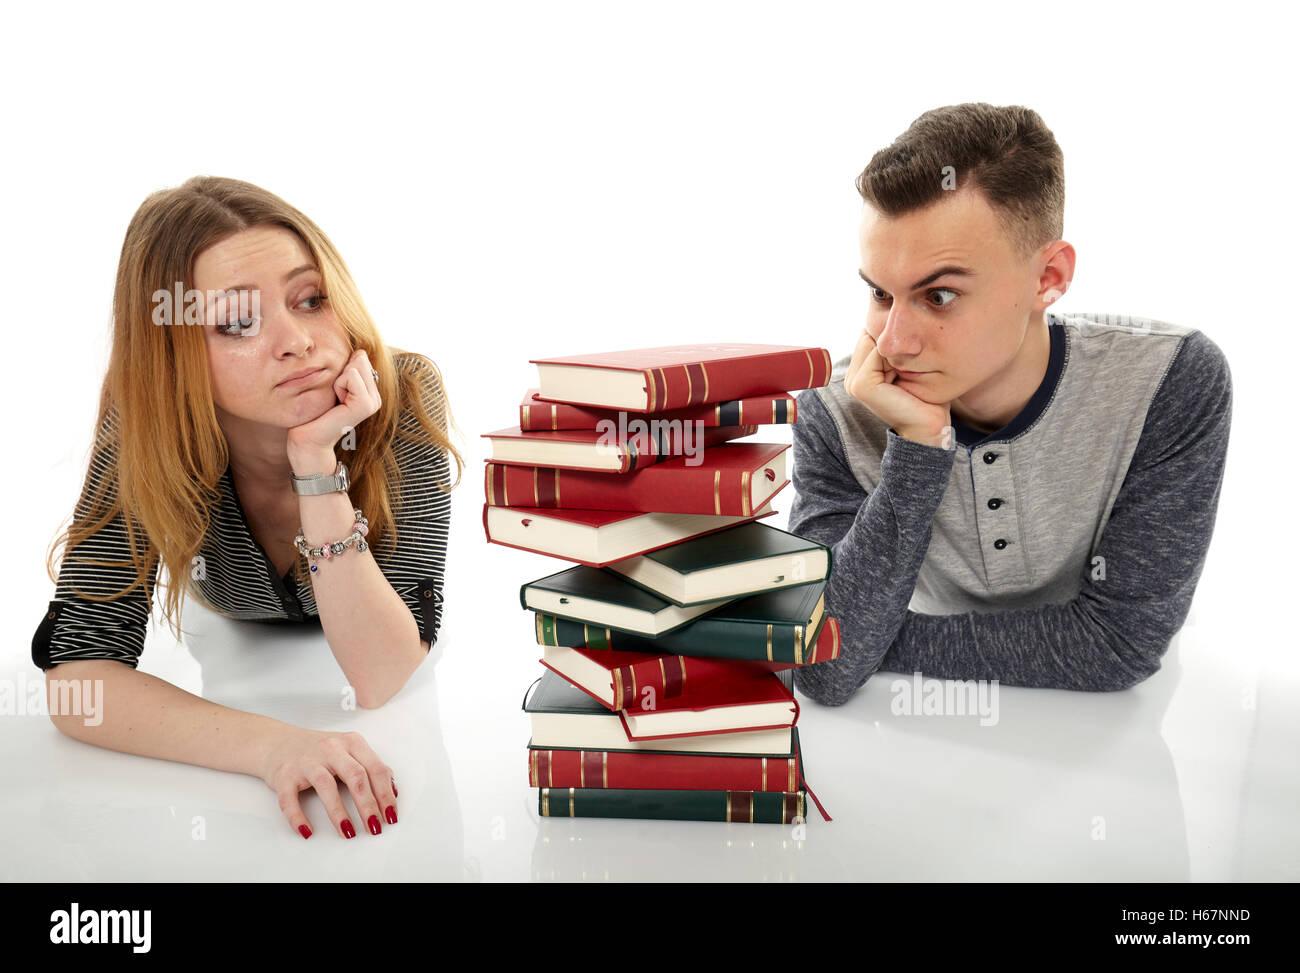 search essay topics sat